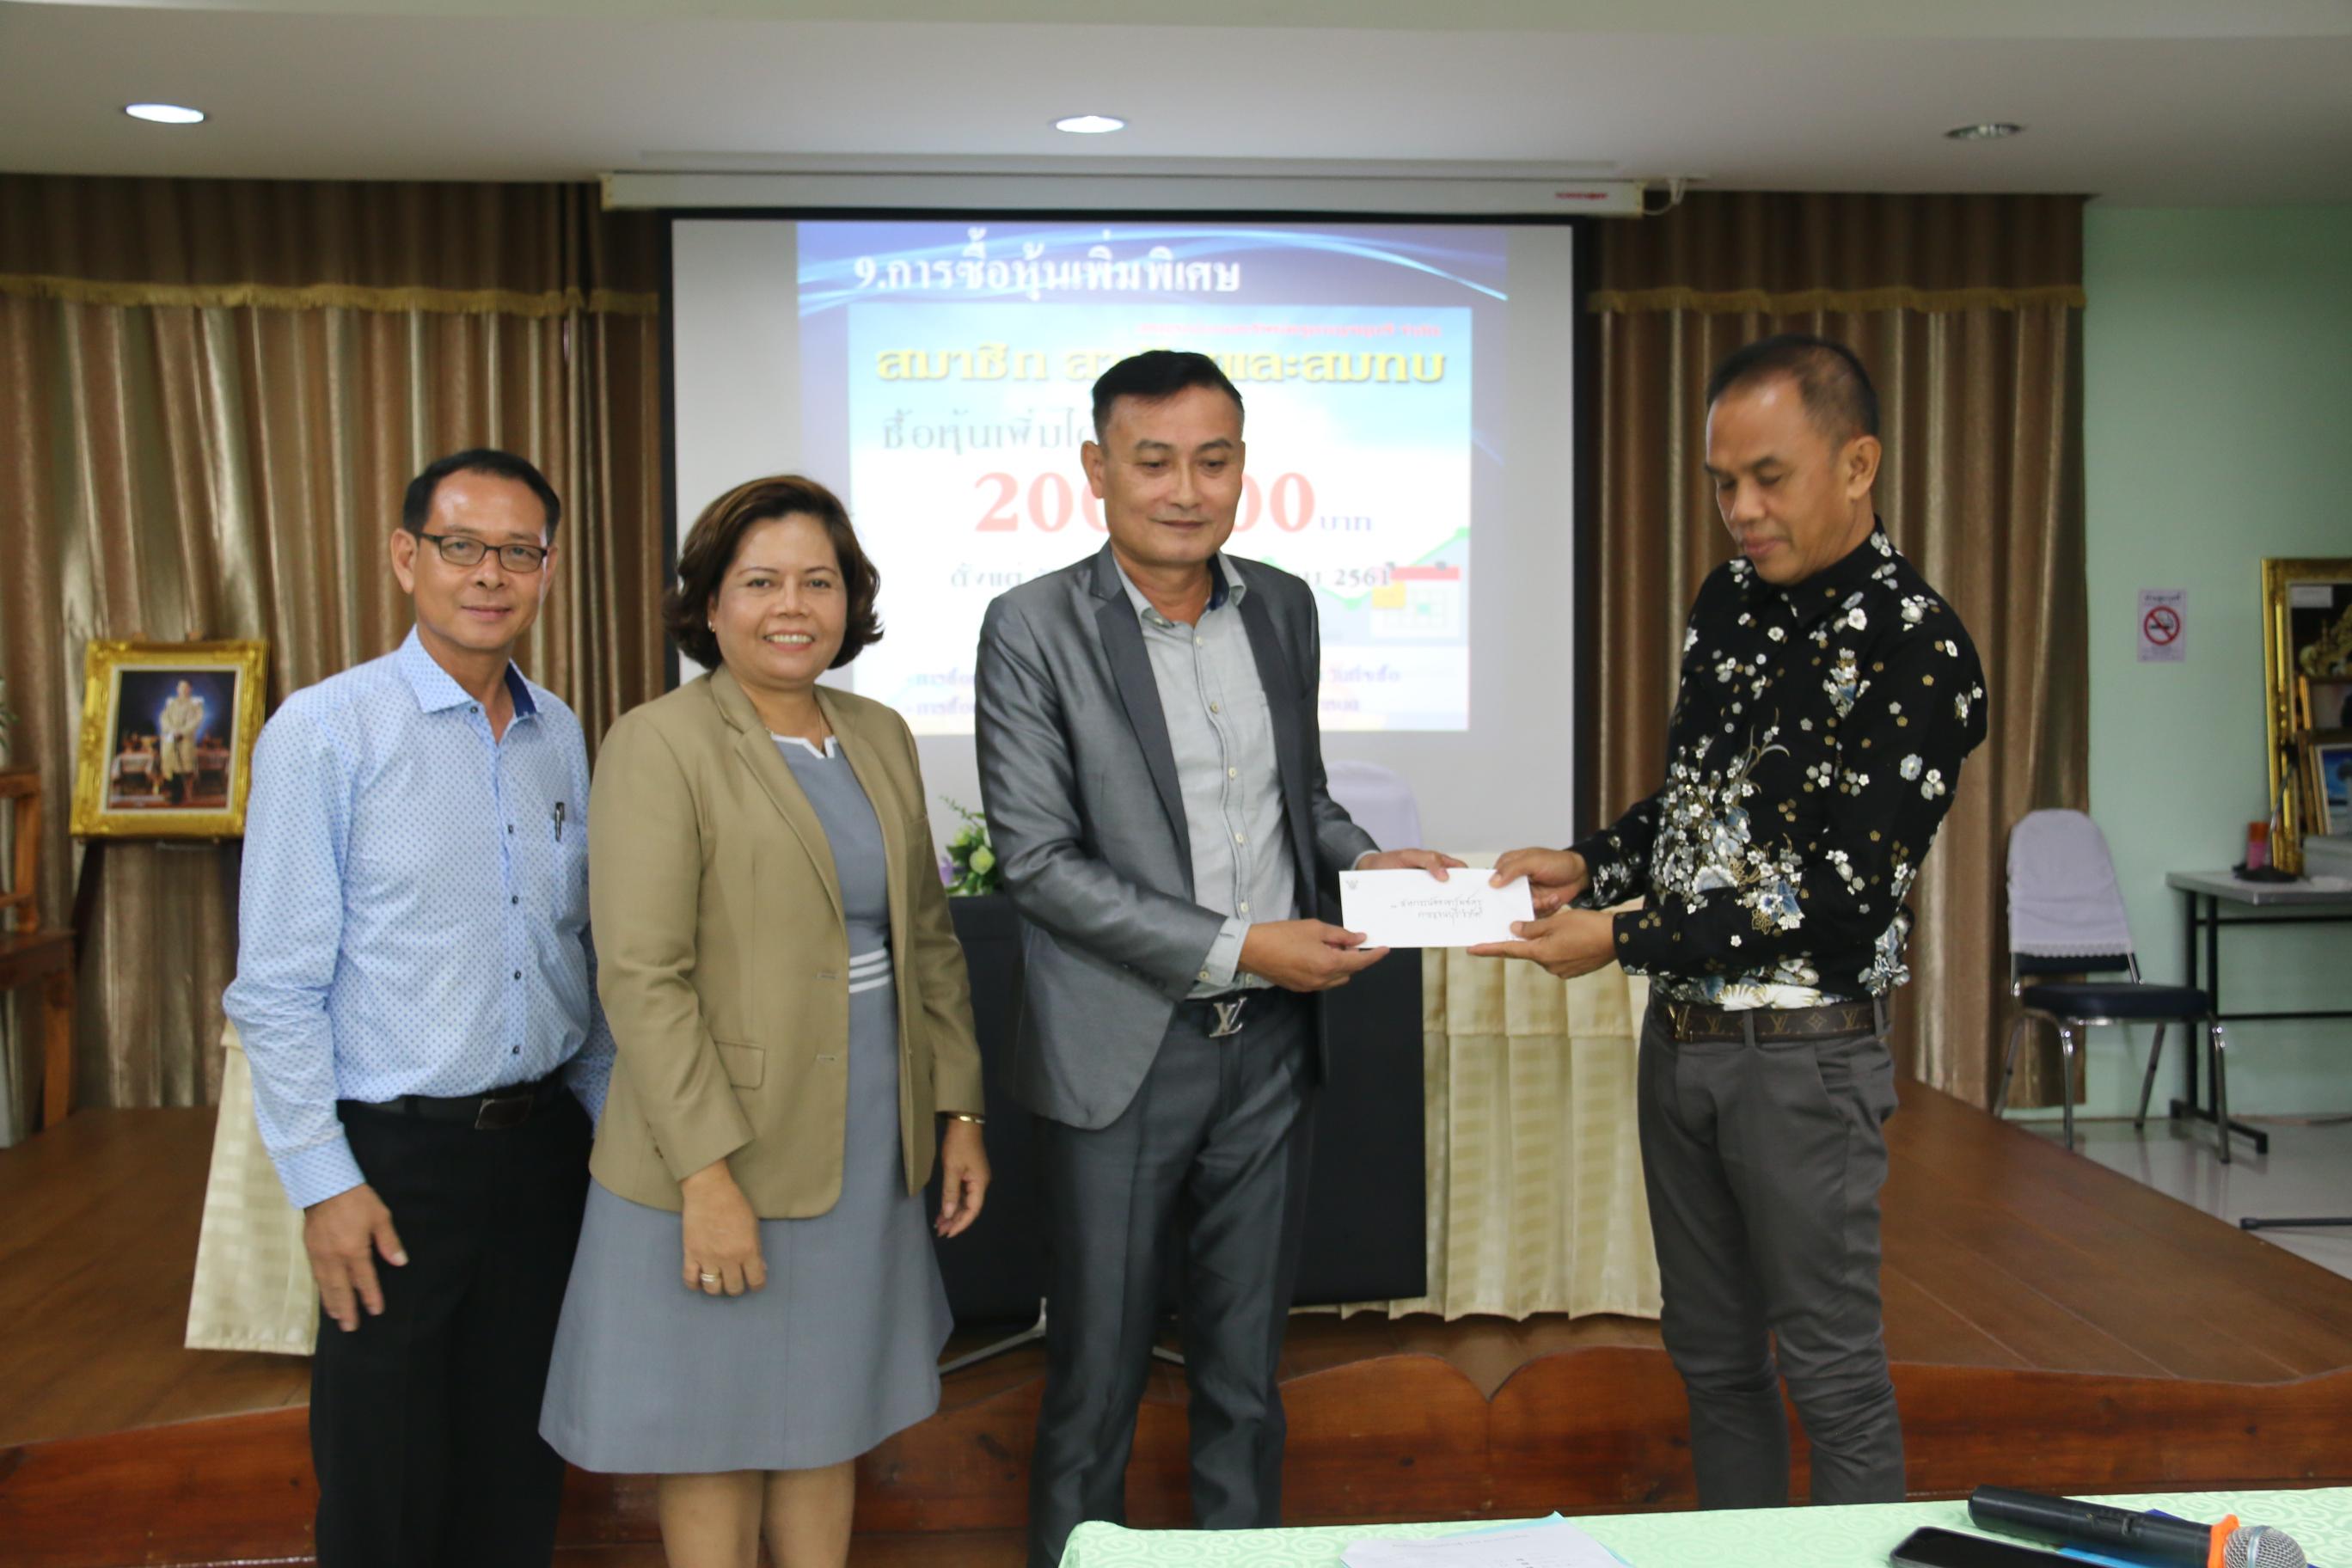 บรรยาย และมอบเงินสนับสนุนกิจกรรมกลุ่มโรงเรียนอนุบาลกาญจนบุรี